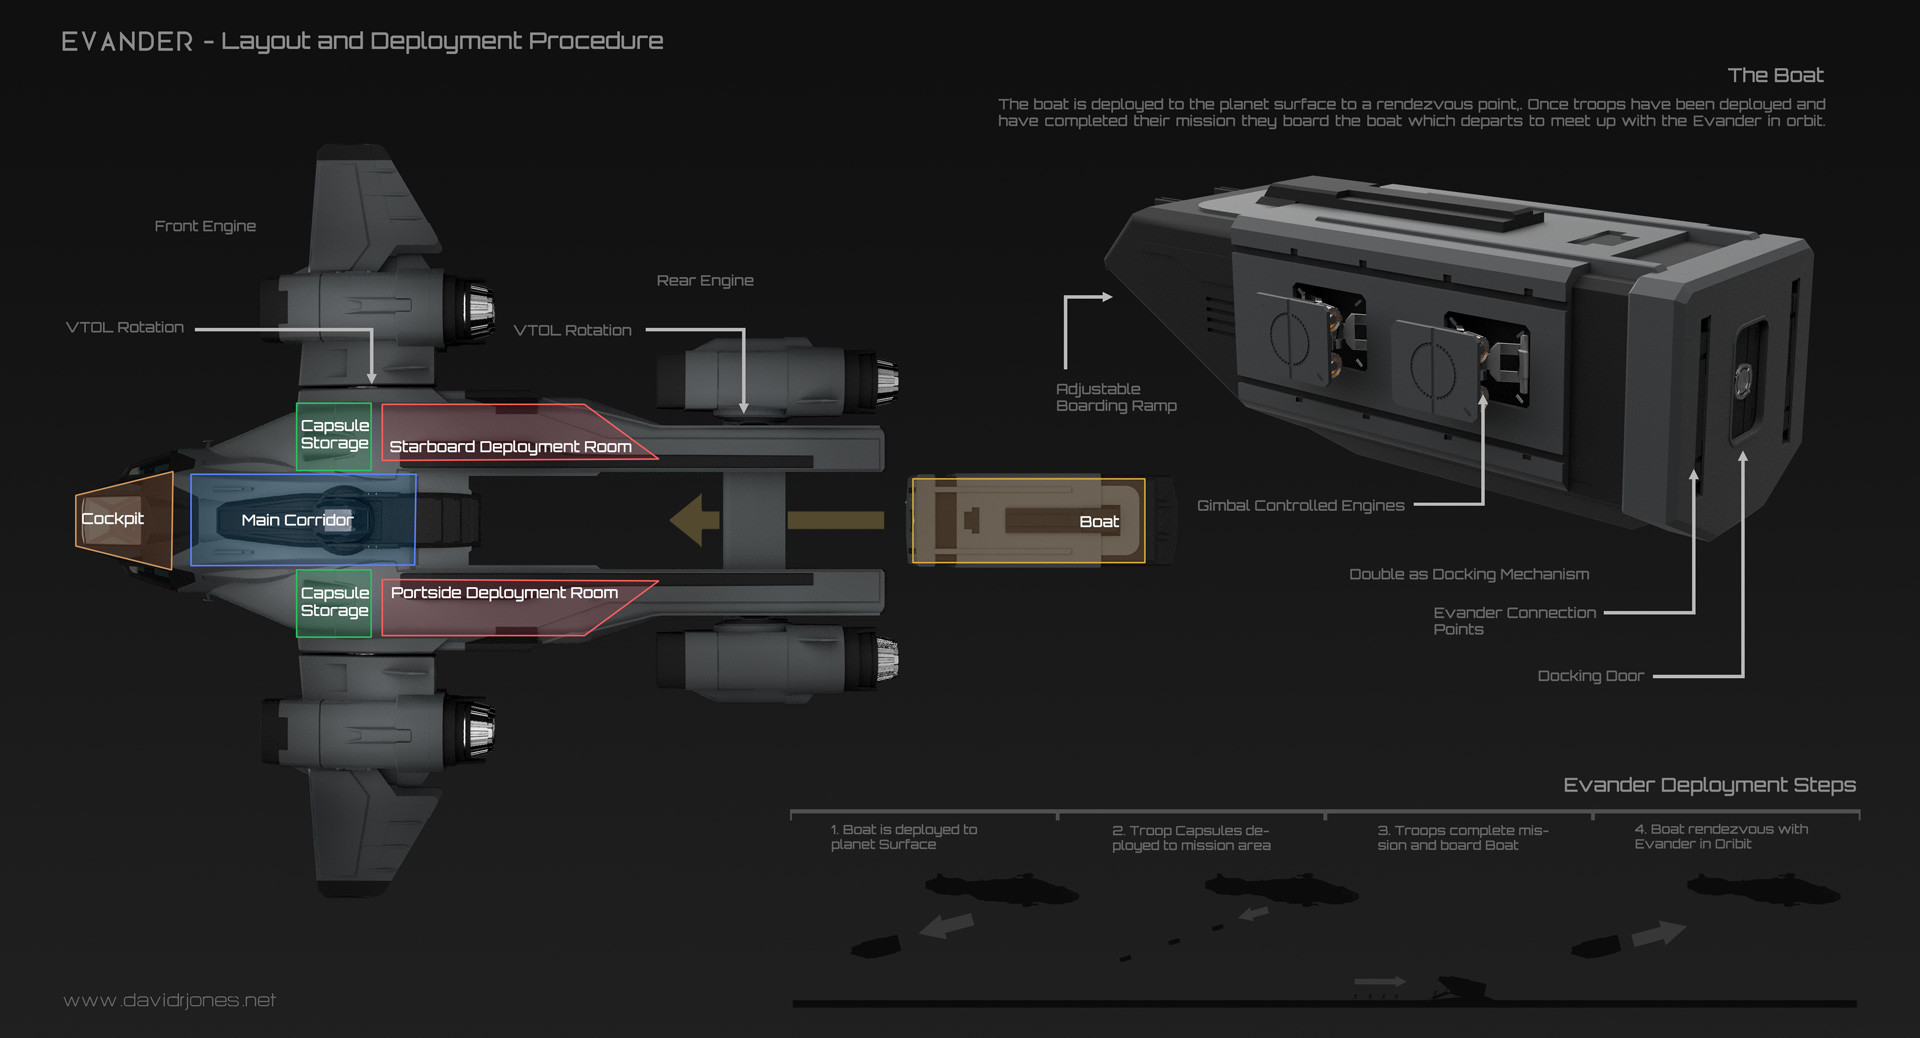 Dave jones evander layout and deployment proceedure